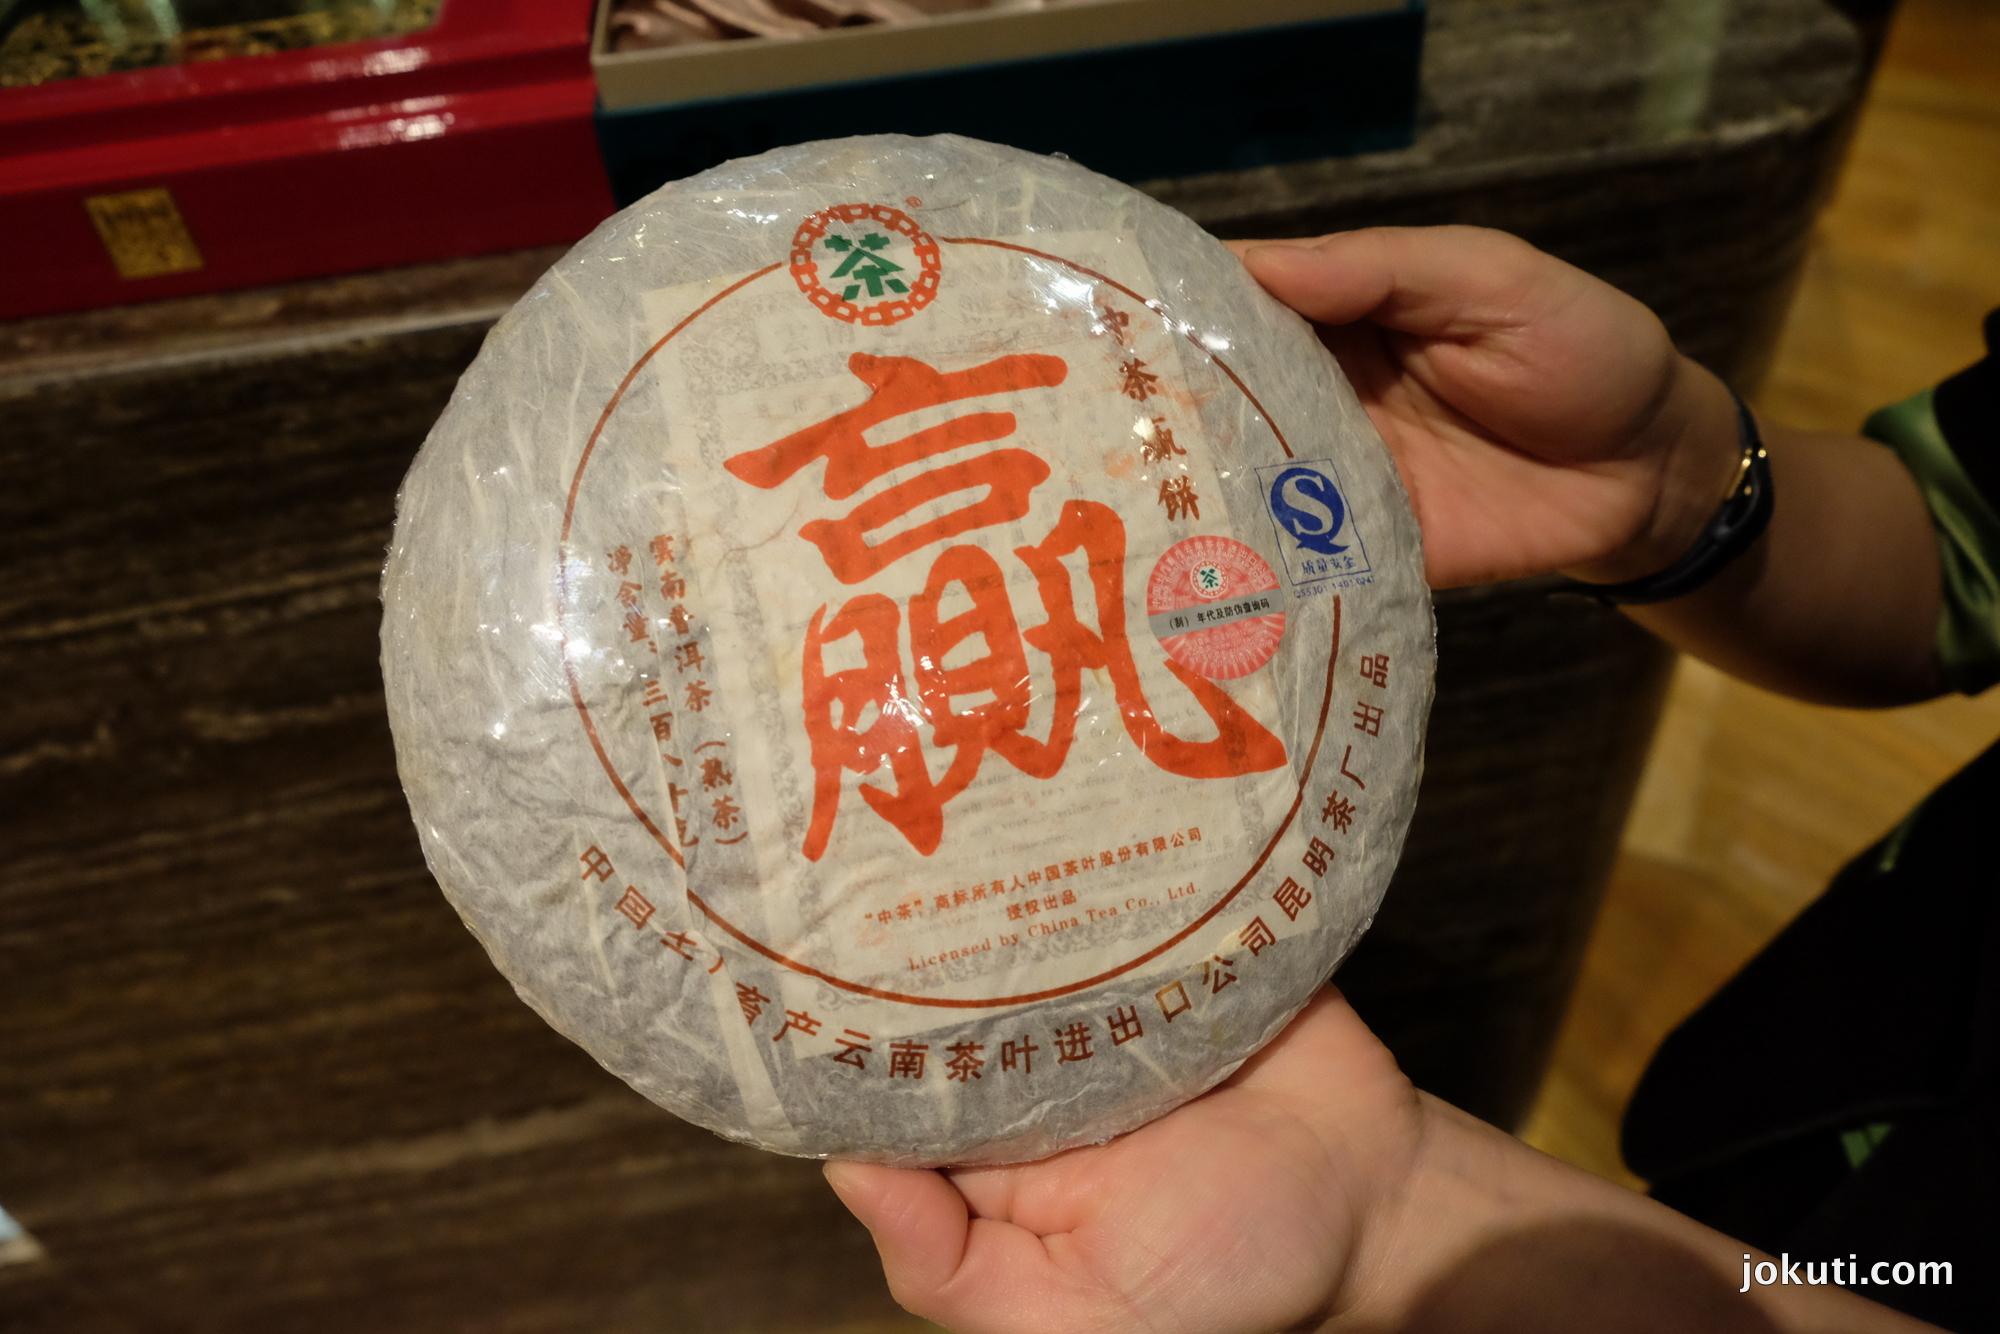 dscf6860_jade_dragon_restaurant_cantonese_chinese_michelin_macau_makao_china_kinai_vilagevo_jokuti.jpg